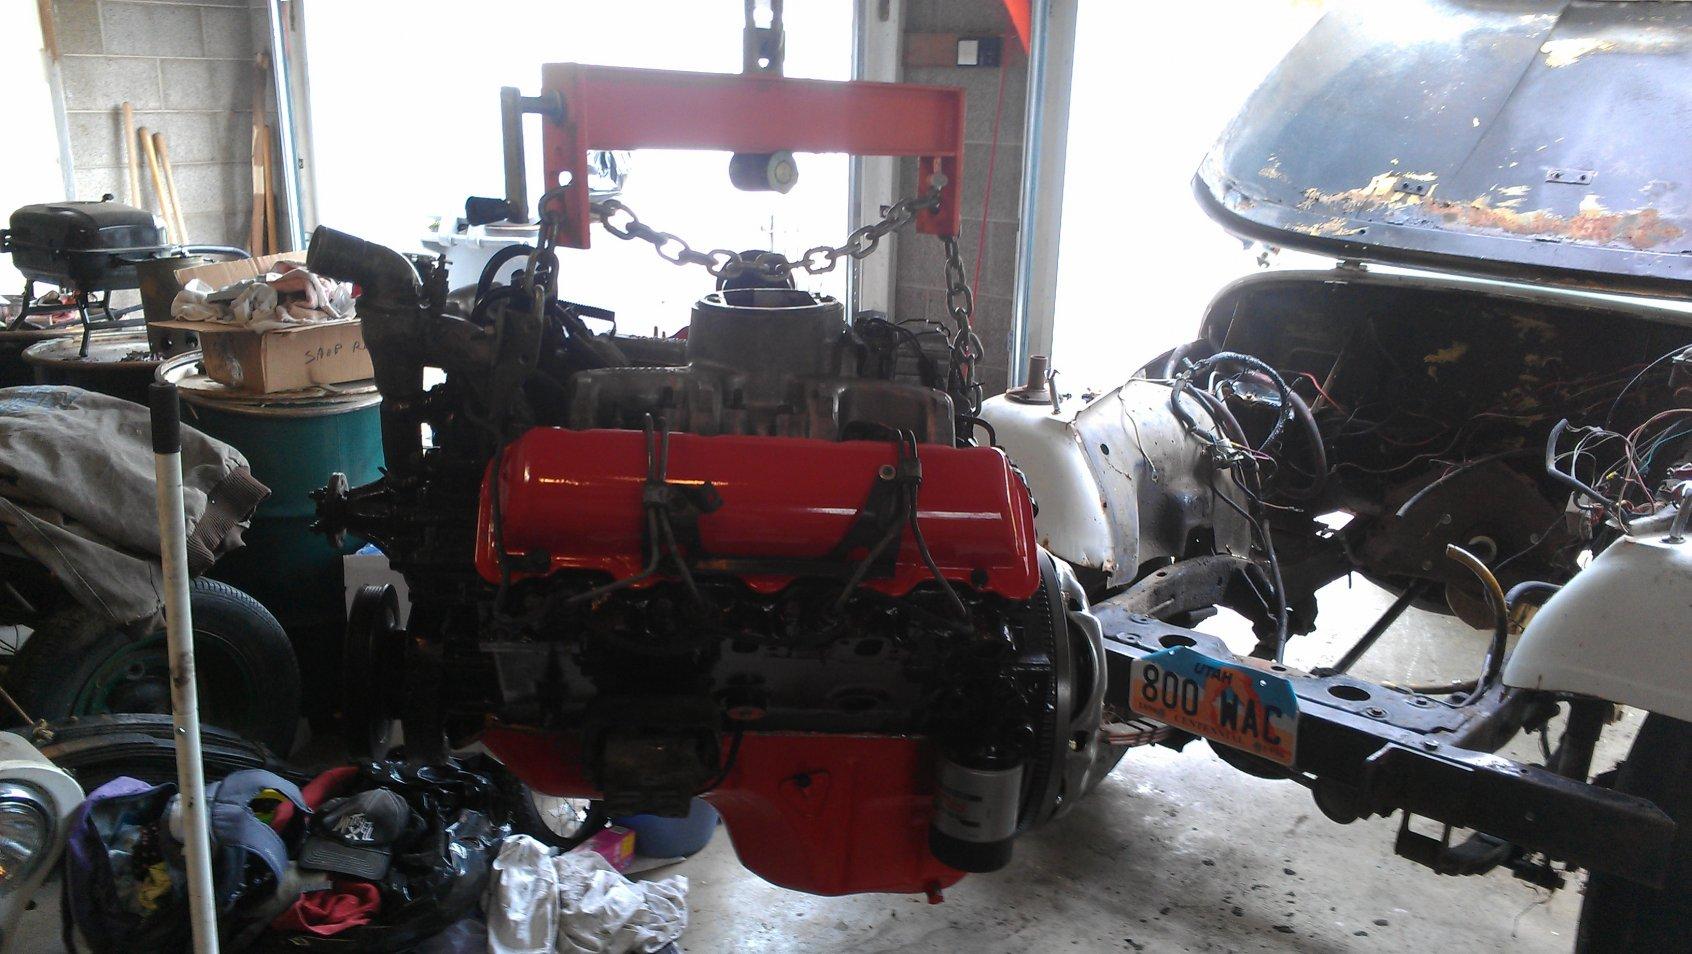 jeepmotor-023.jpg